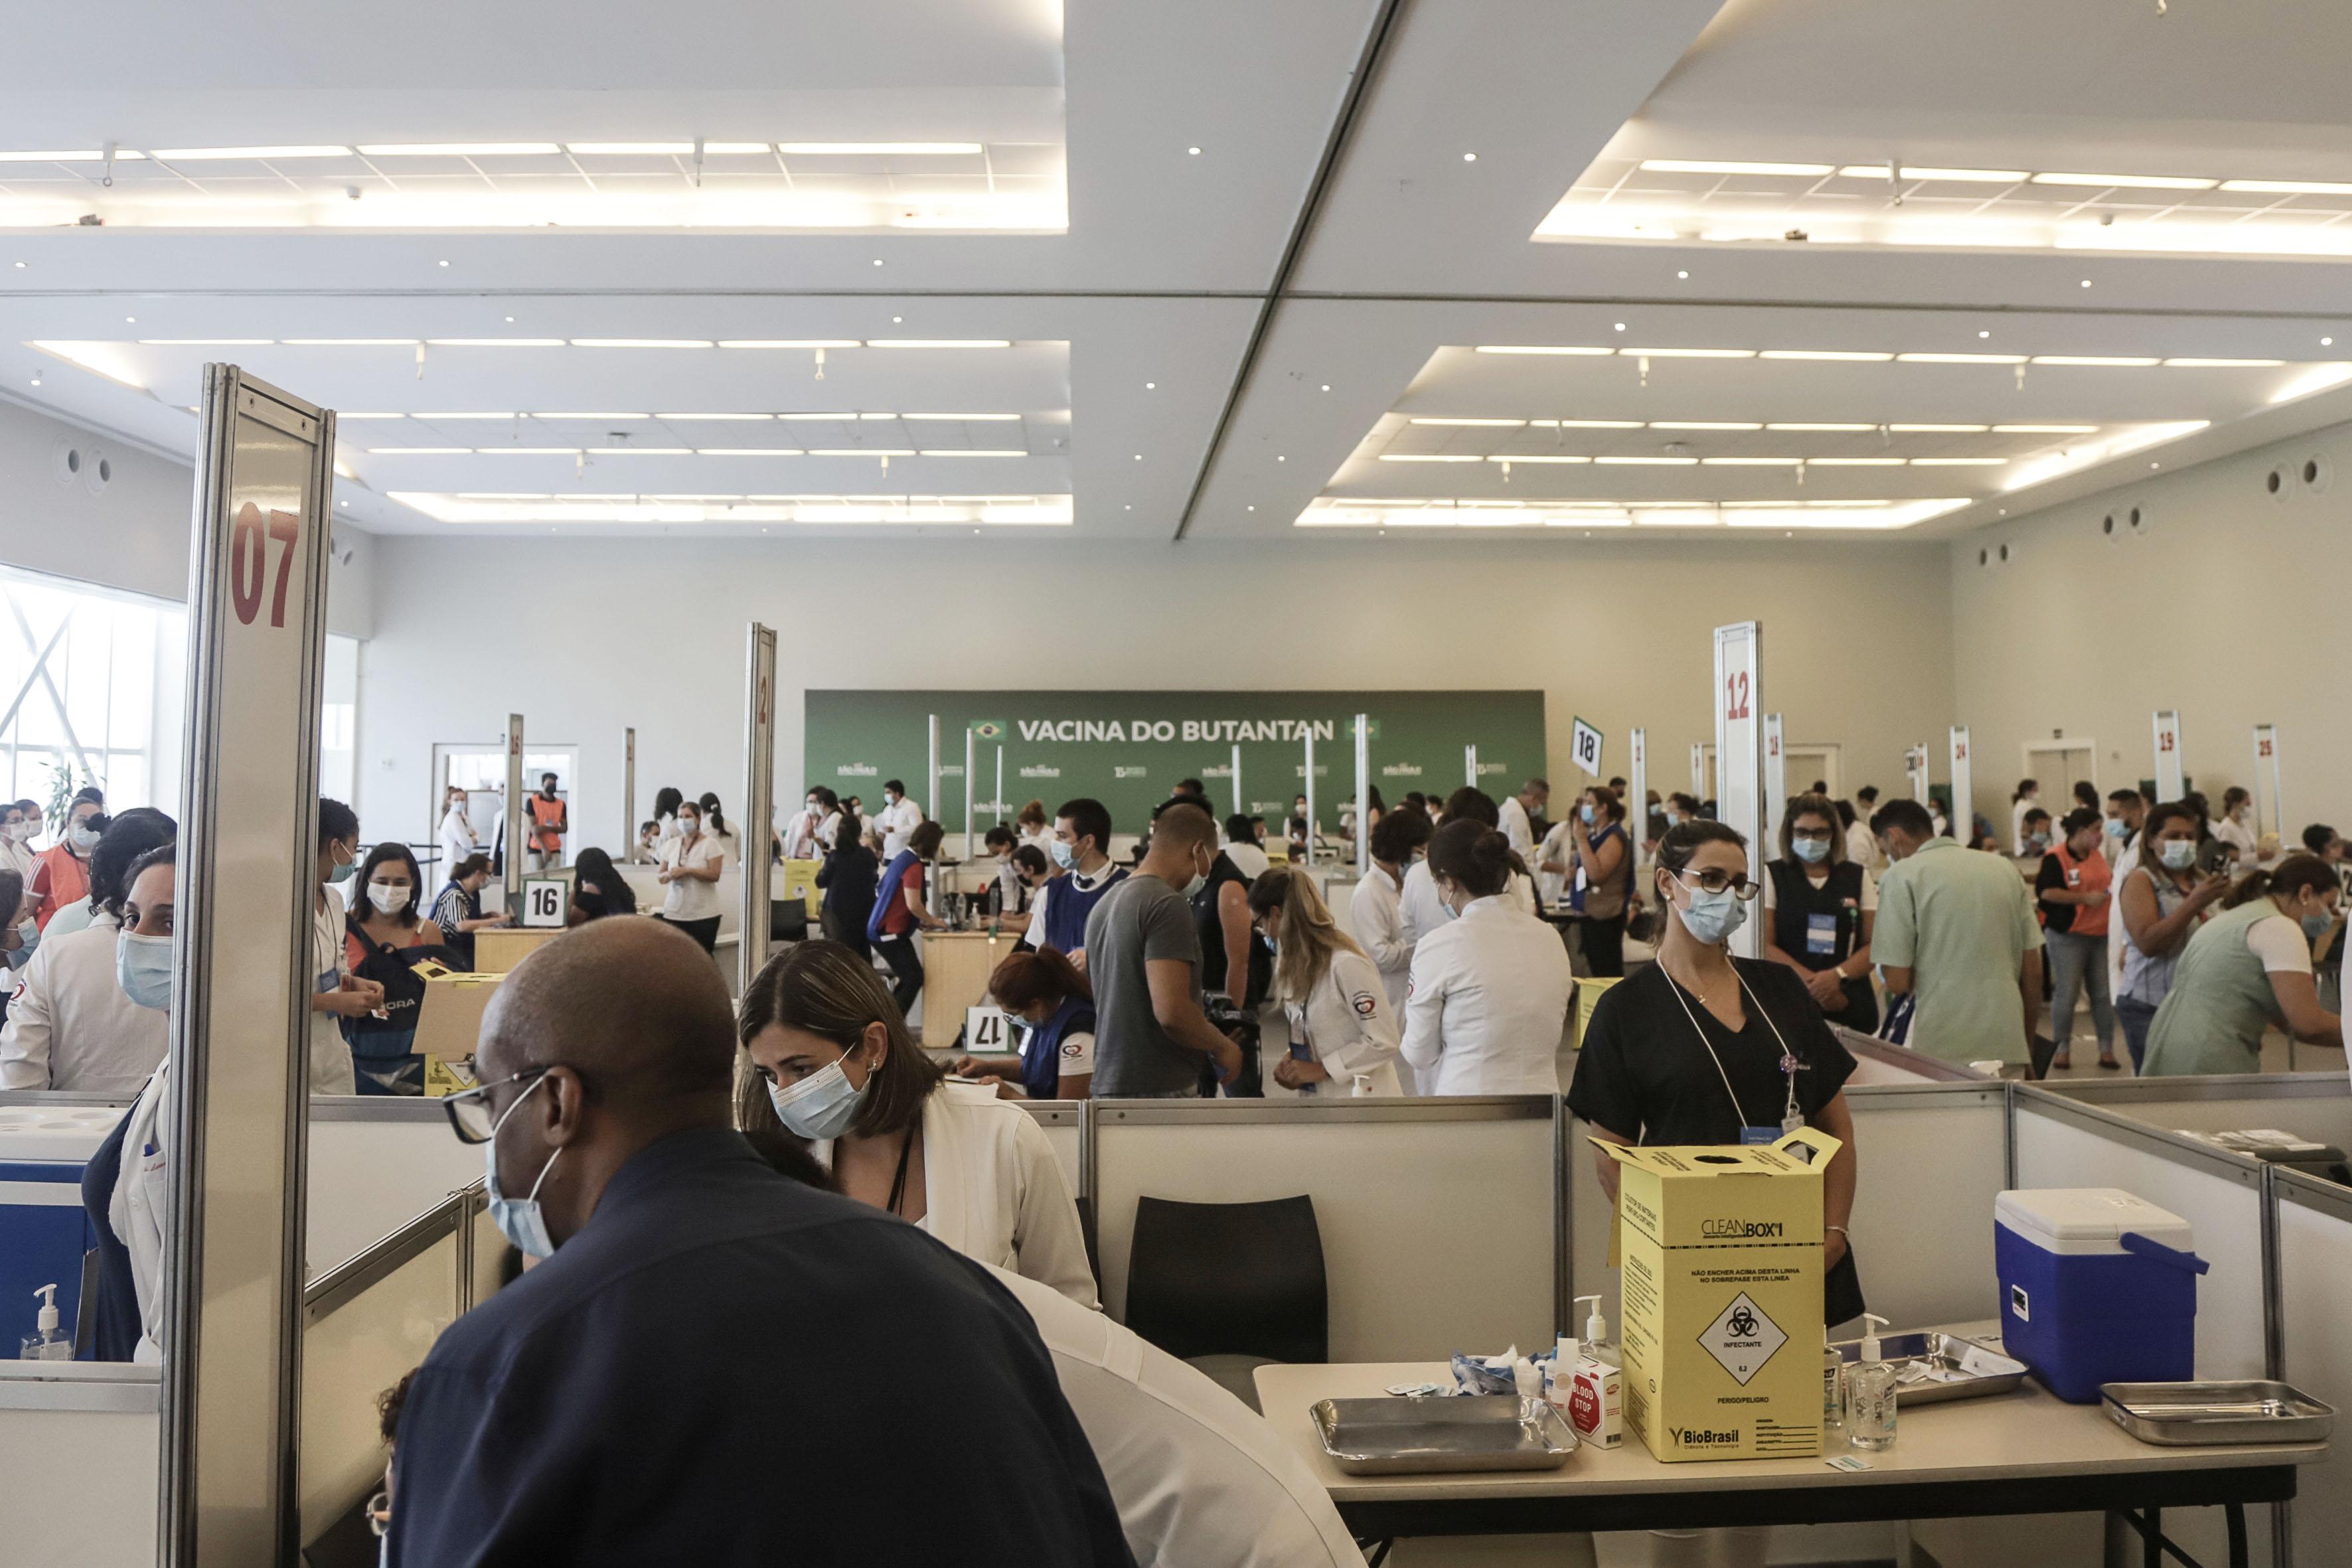 新冠肺炎疫苗给深陷疫情的巴西带来希望